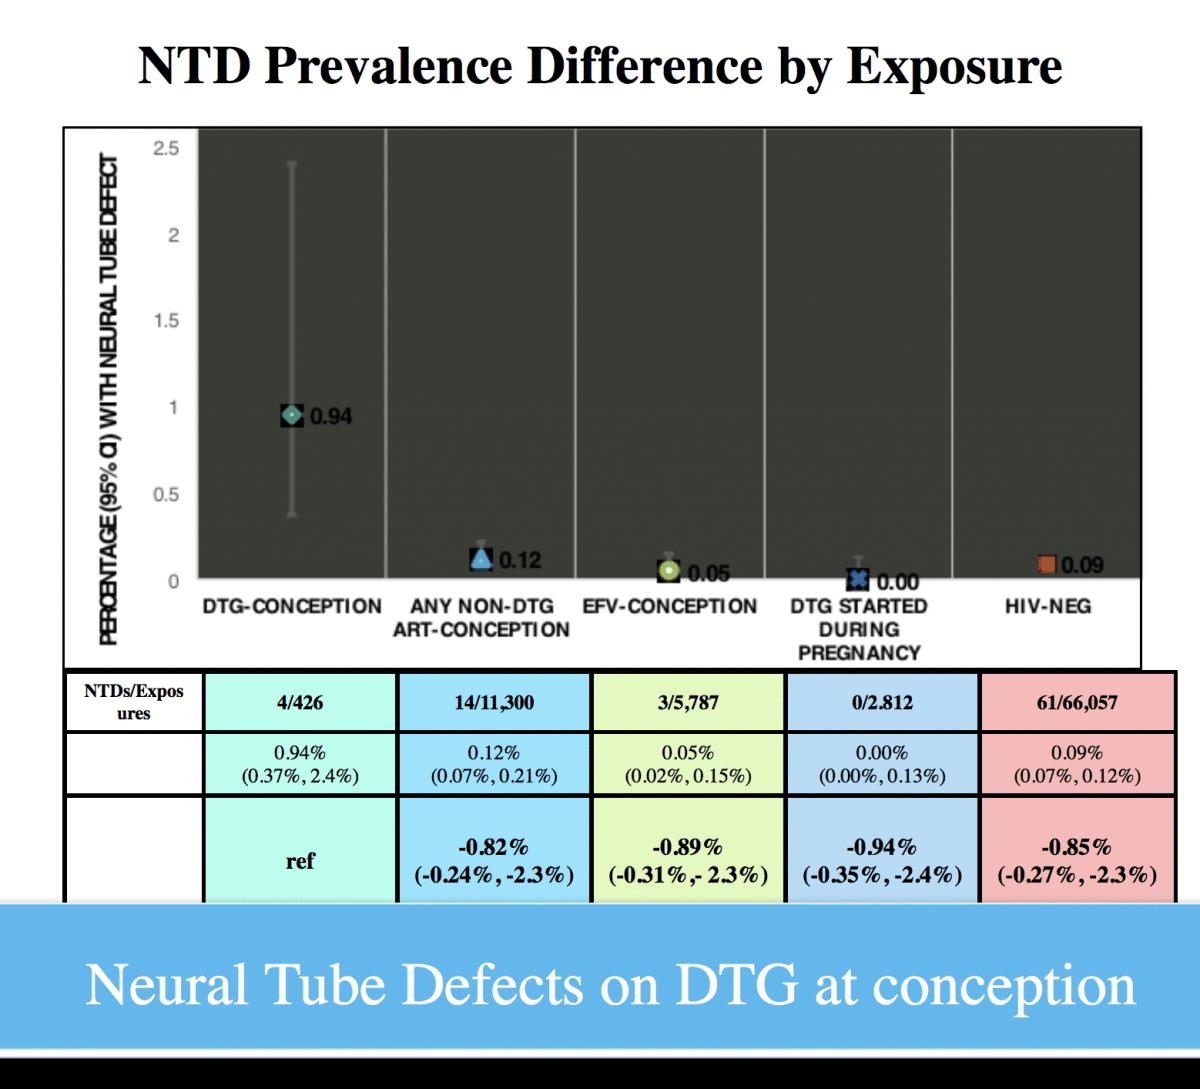 Prévalence des troubles du tube neural selon l'exposition - AIDS 2018